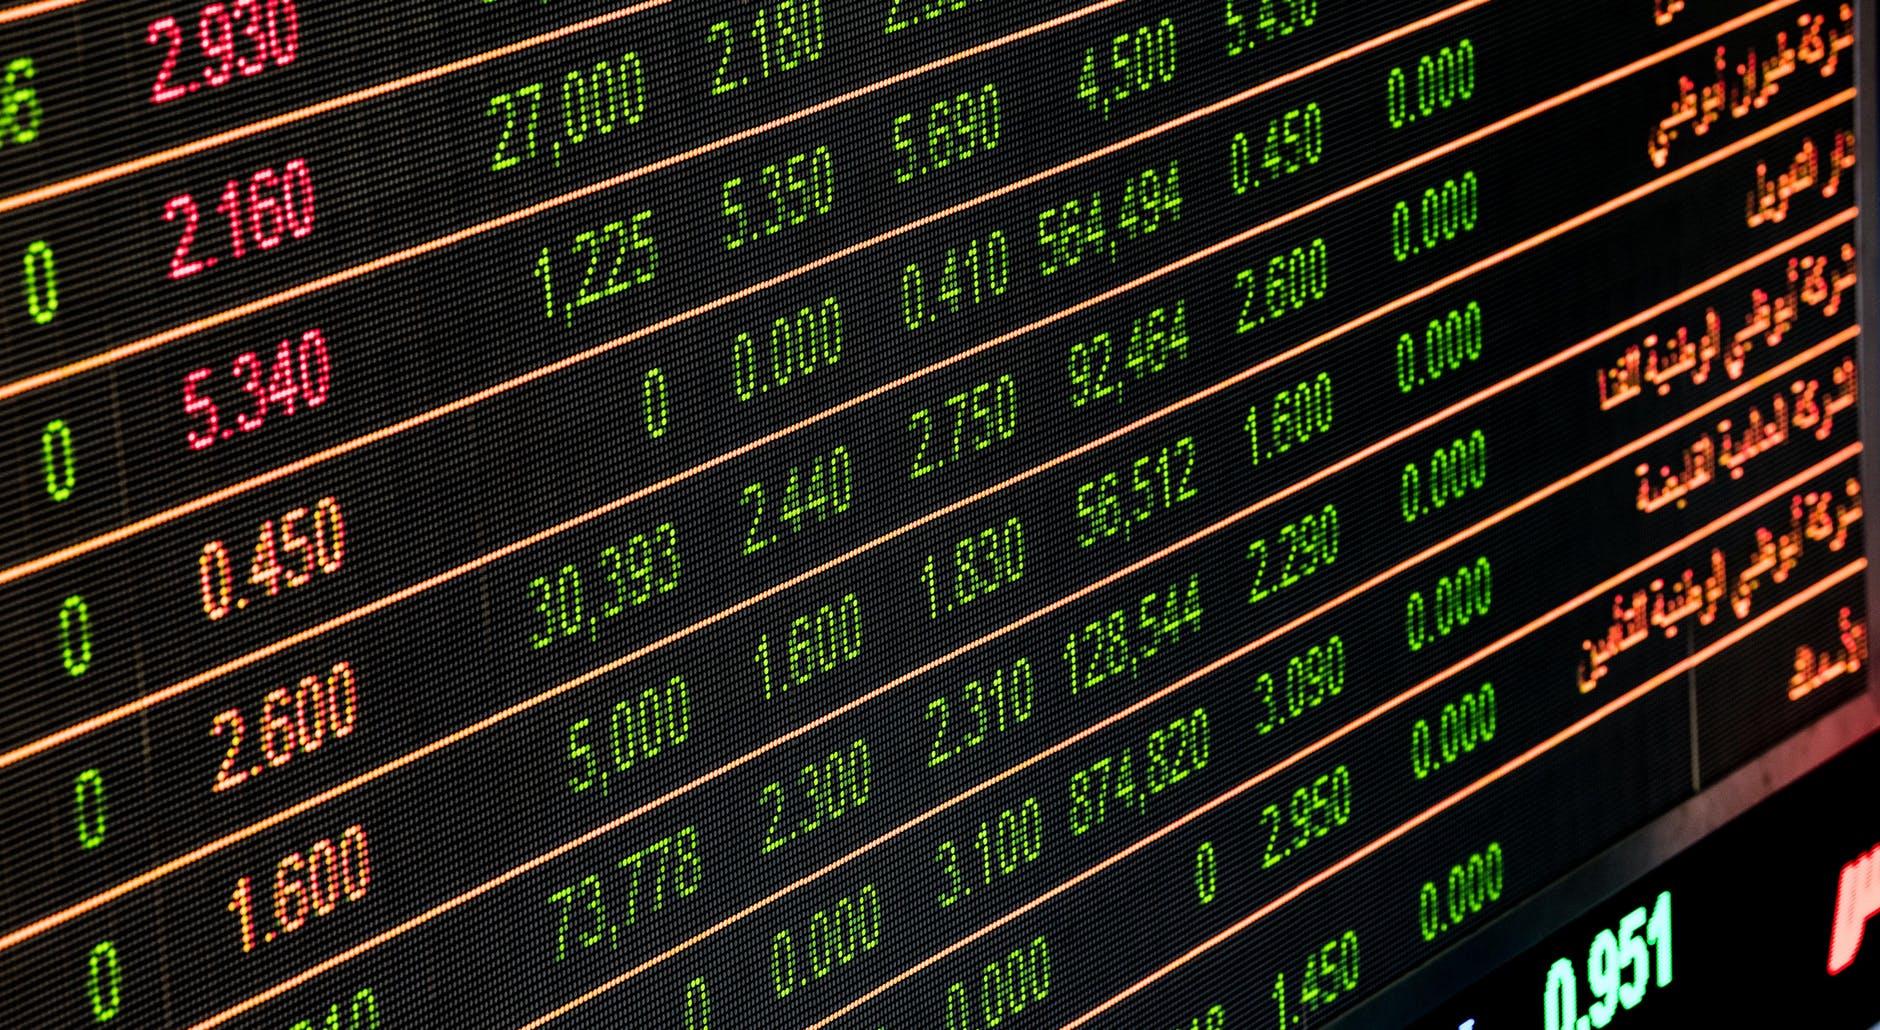 daftar bank dengan deposito tertinggi 2021